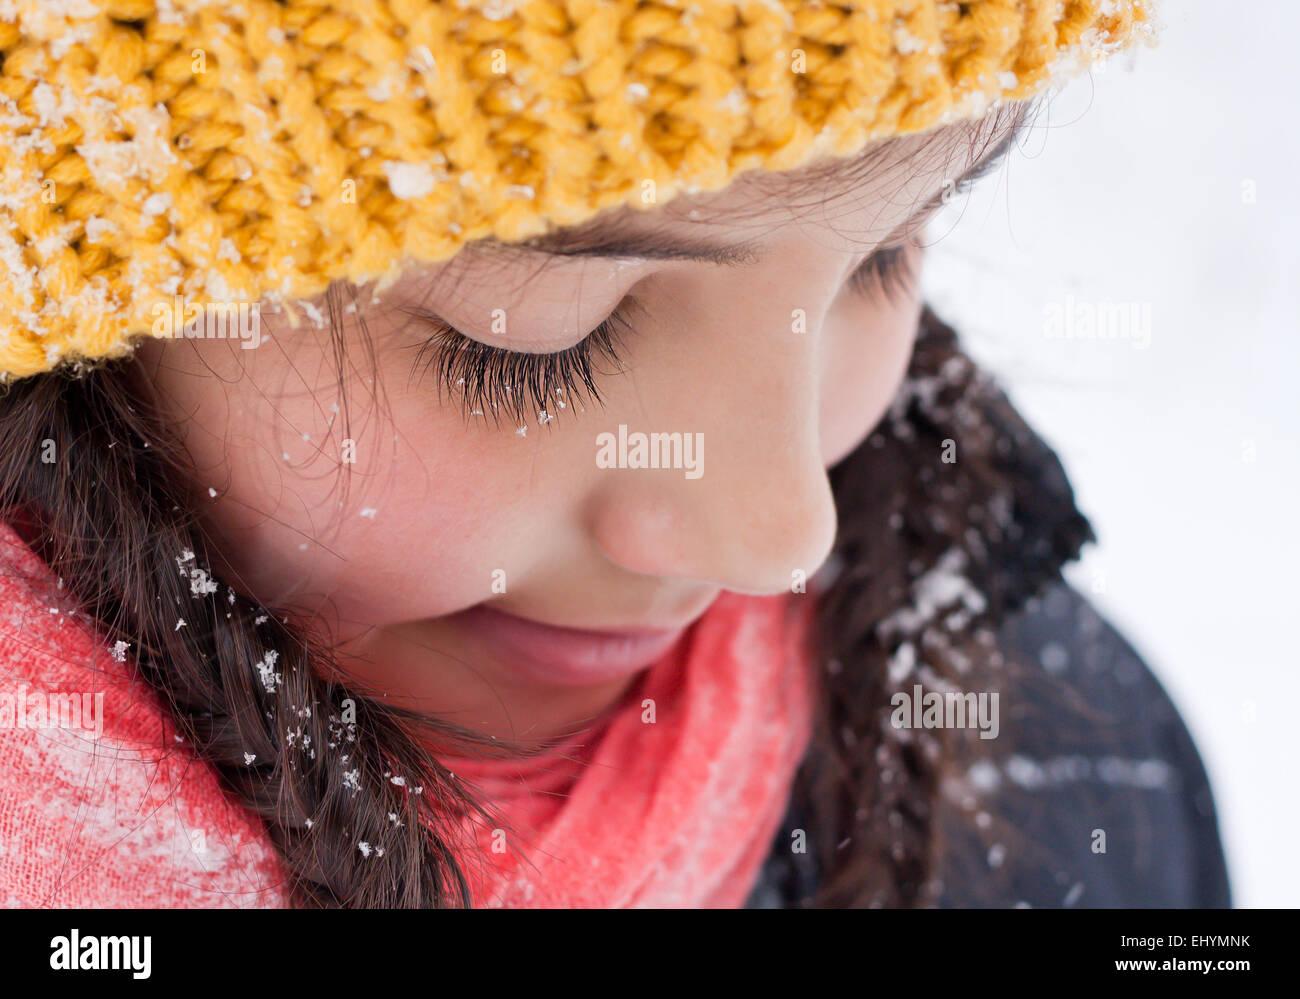 Porträt von Mädchen auf der Suche nach unten Nahaufnahme Stockbild